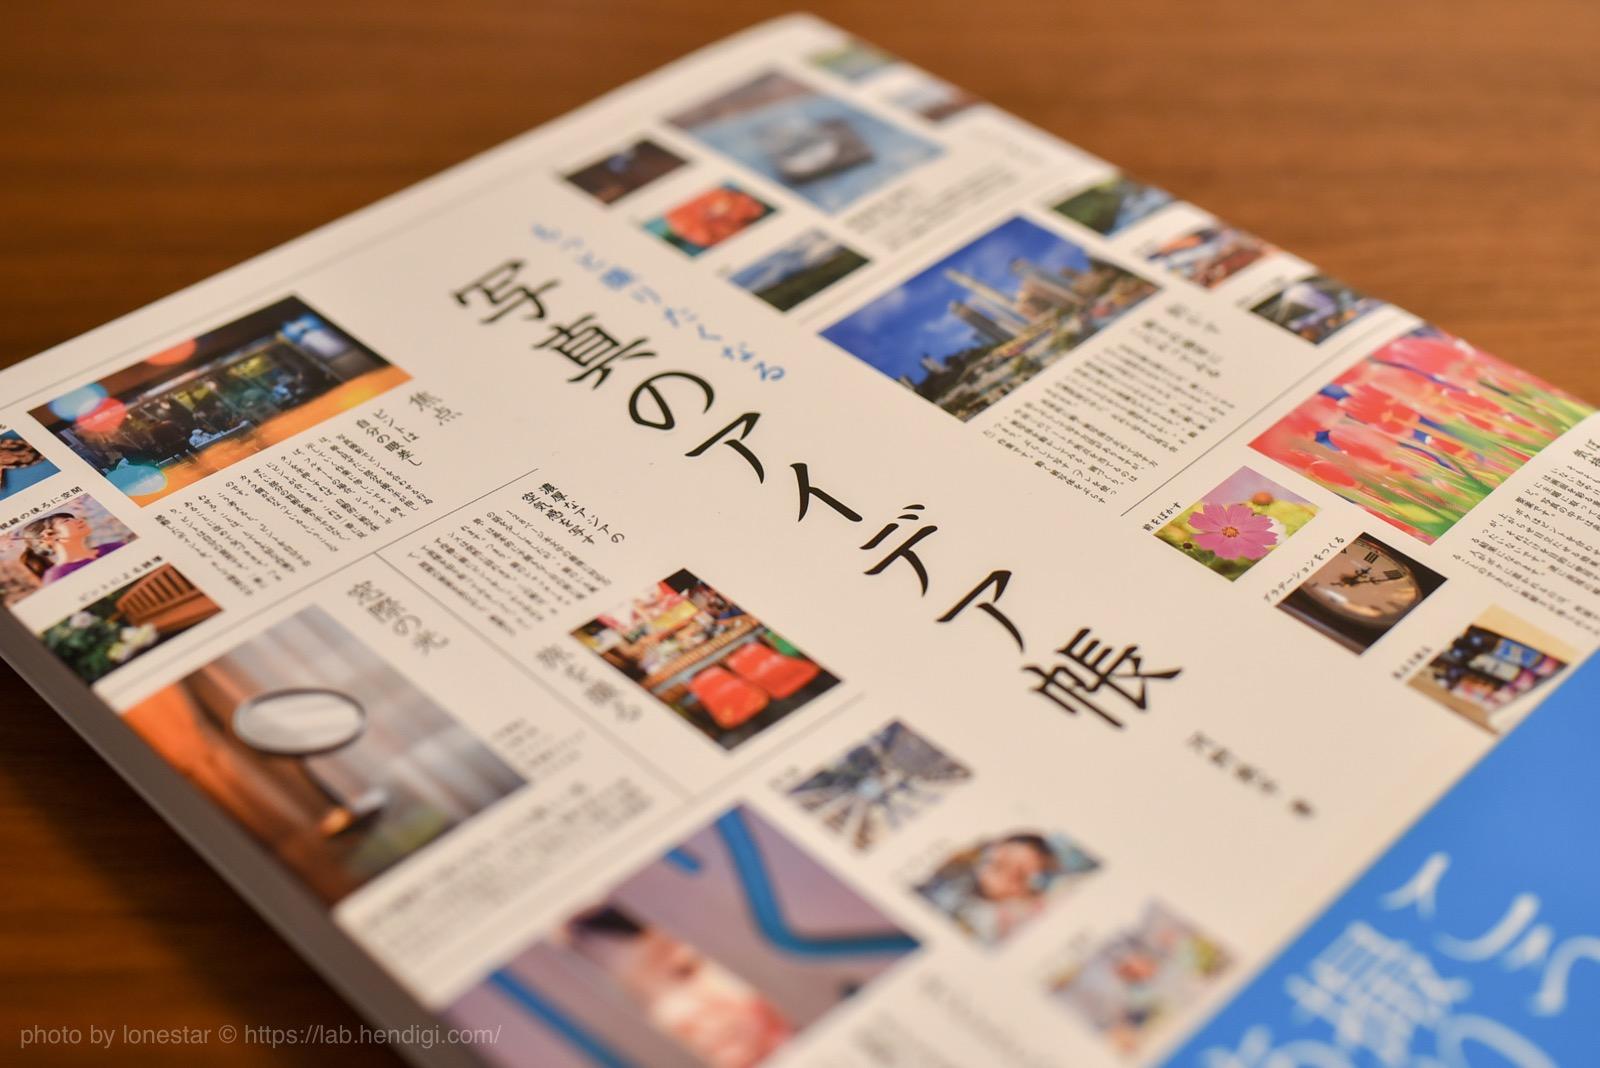 写真のアイデア帳